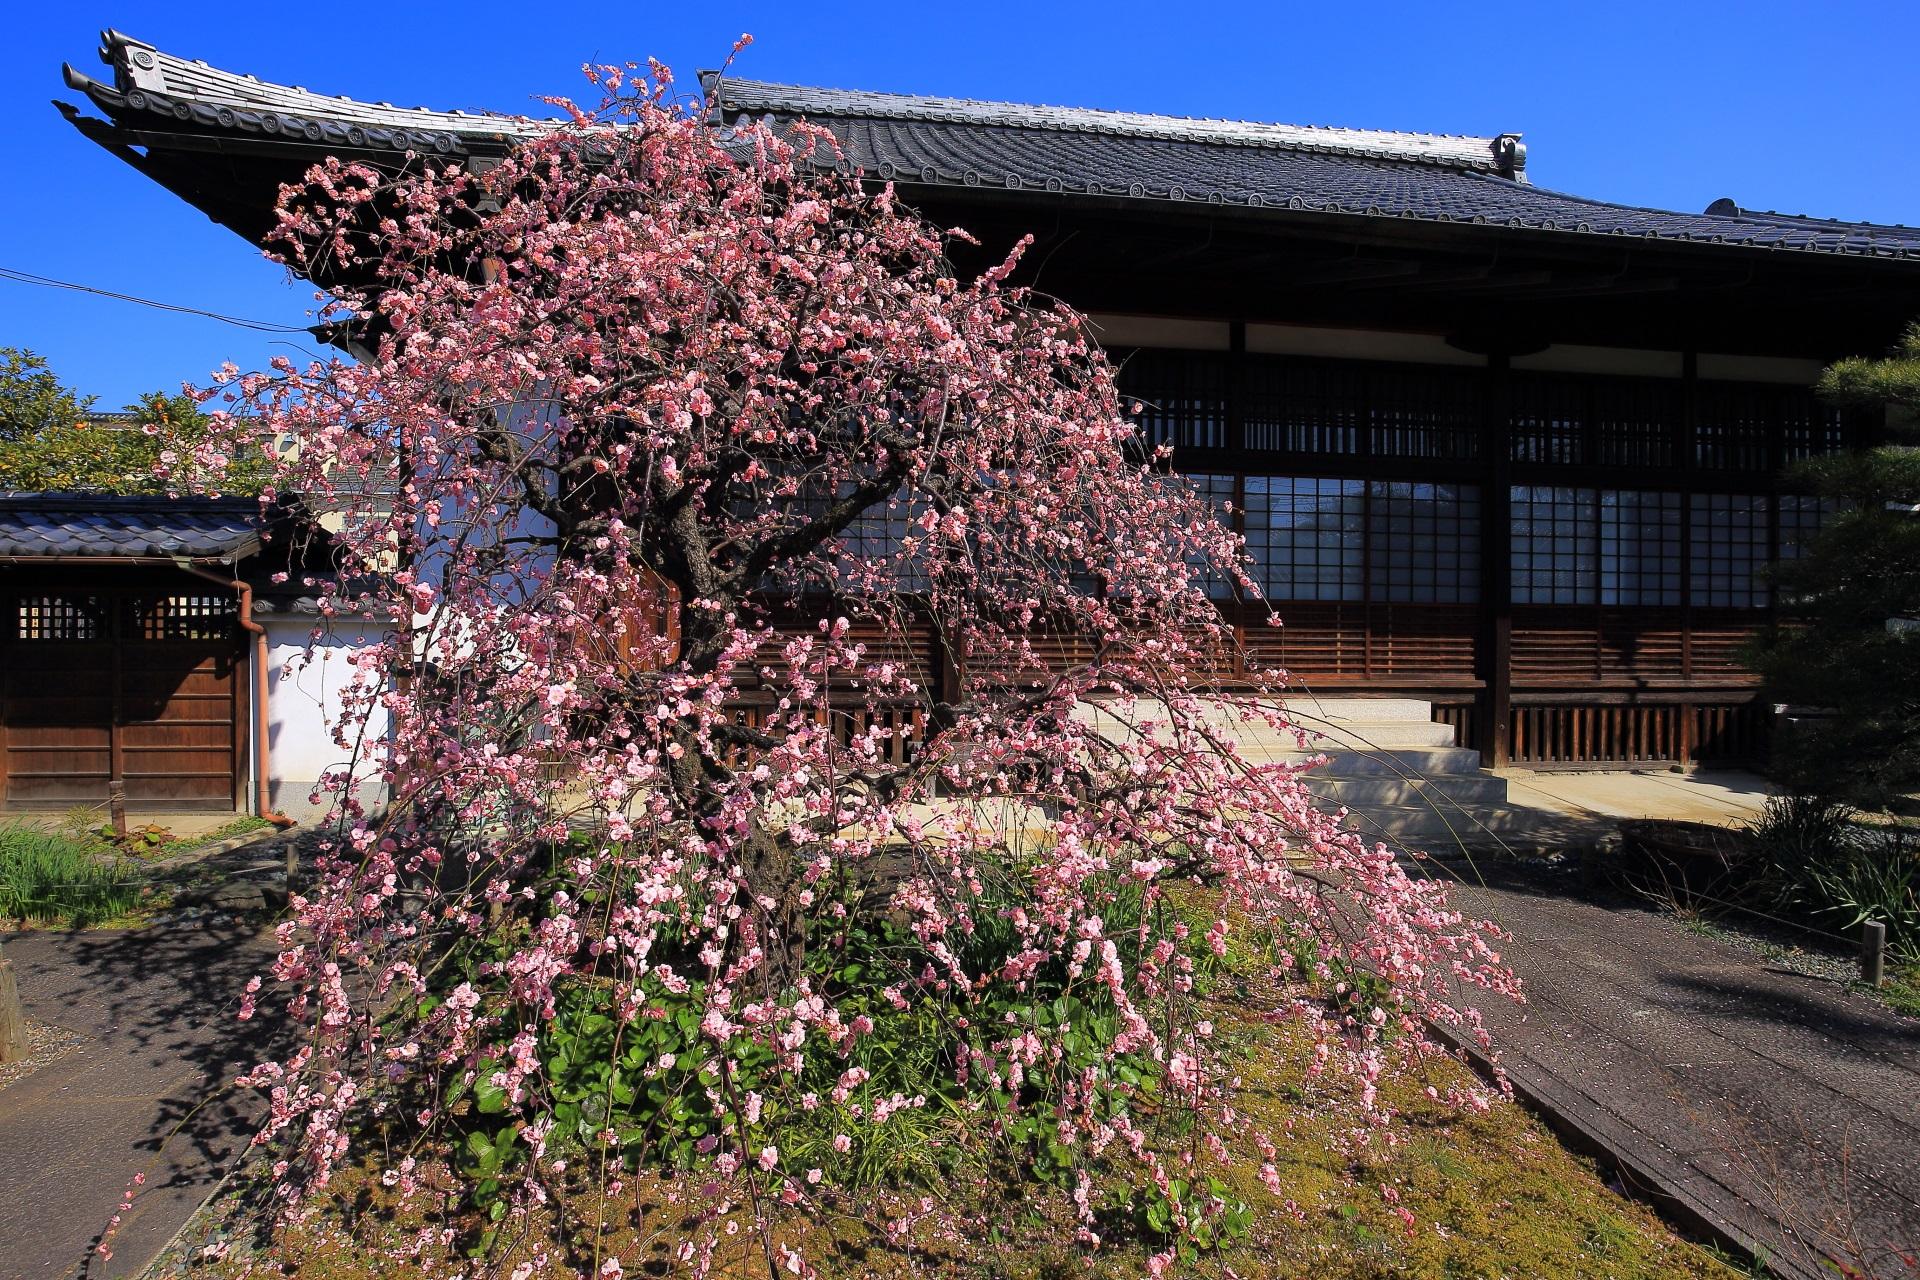 見事なしだれ梅と祐正寺の美しい形の本堂